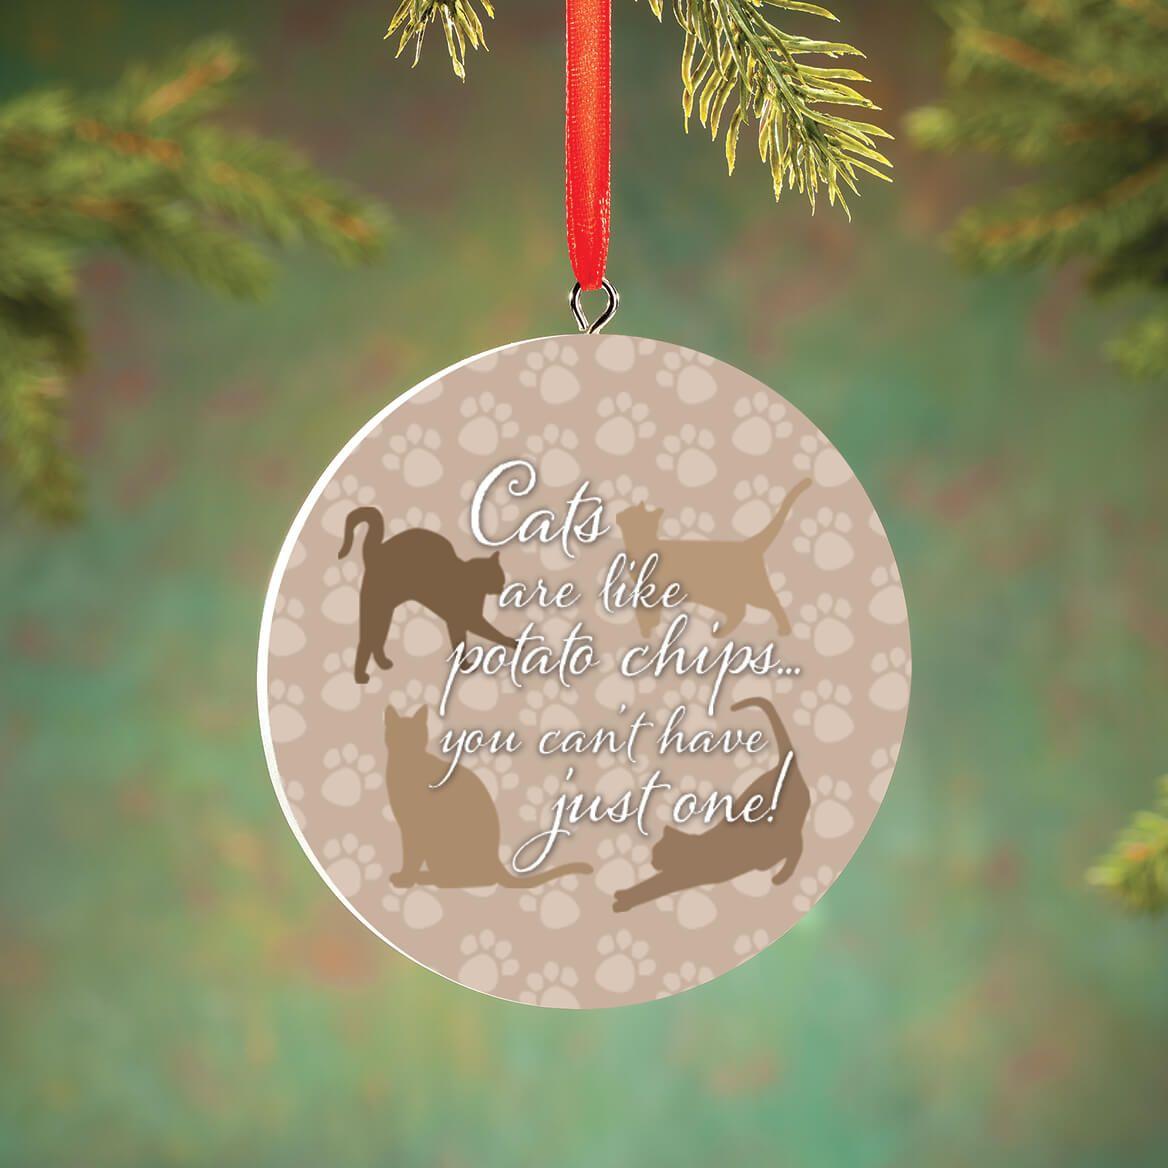 Personalized Cat Potato Chip Ornament-372727